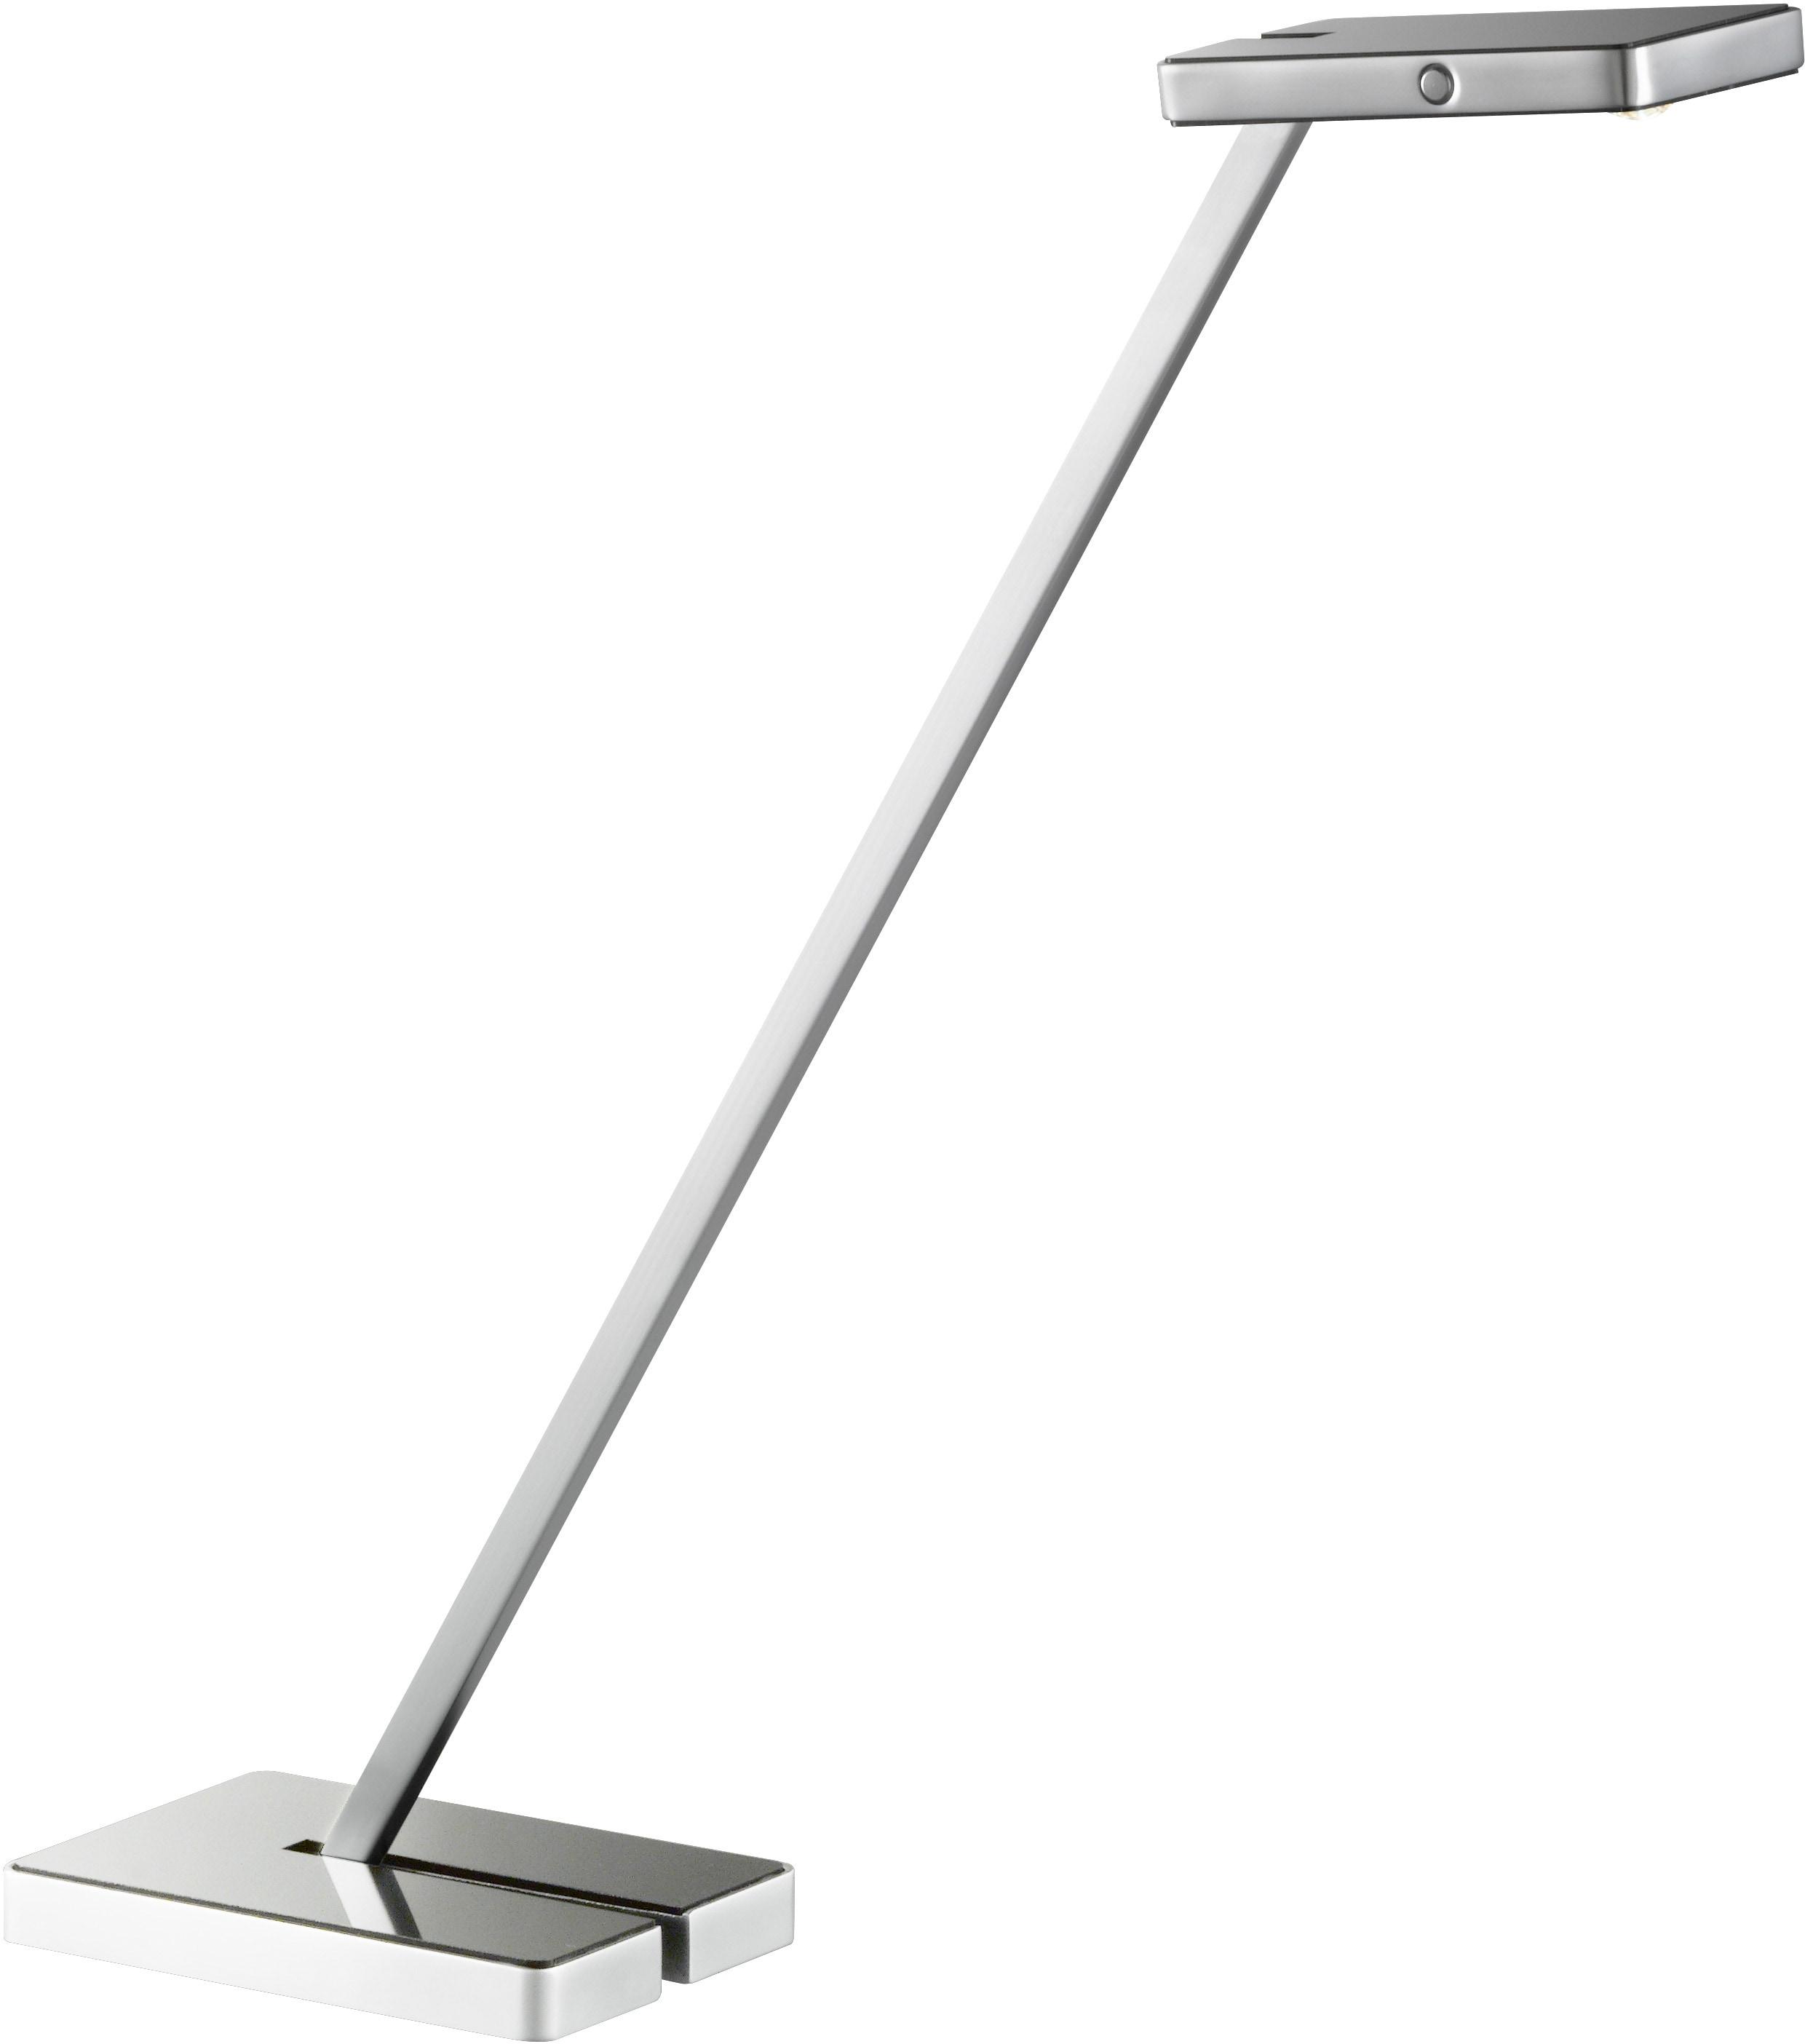 FISCHER & HONSEL LED Tischleuchte Lincoln, LED-Modul, Warmweiß